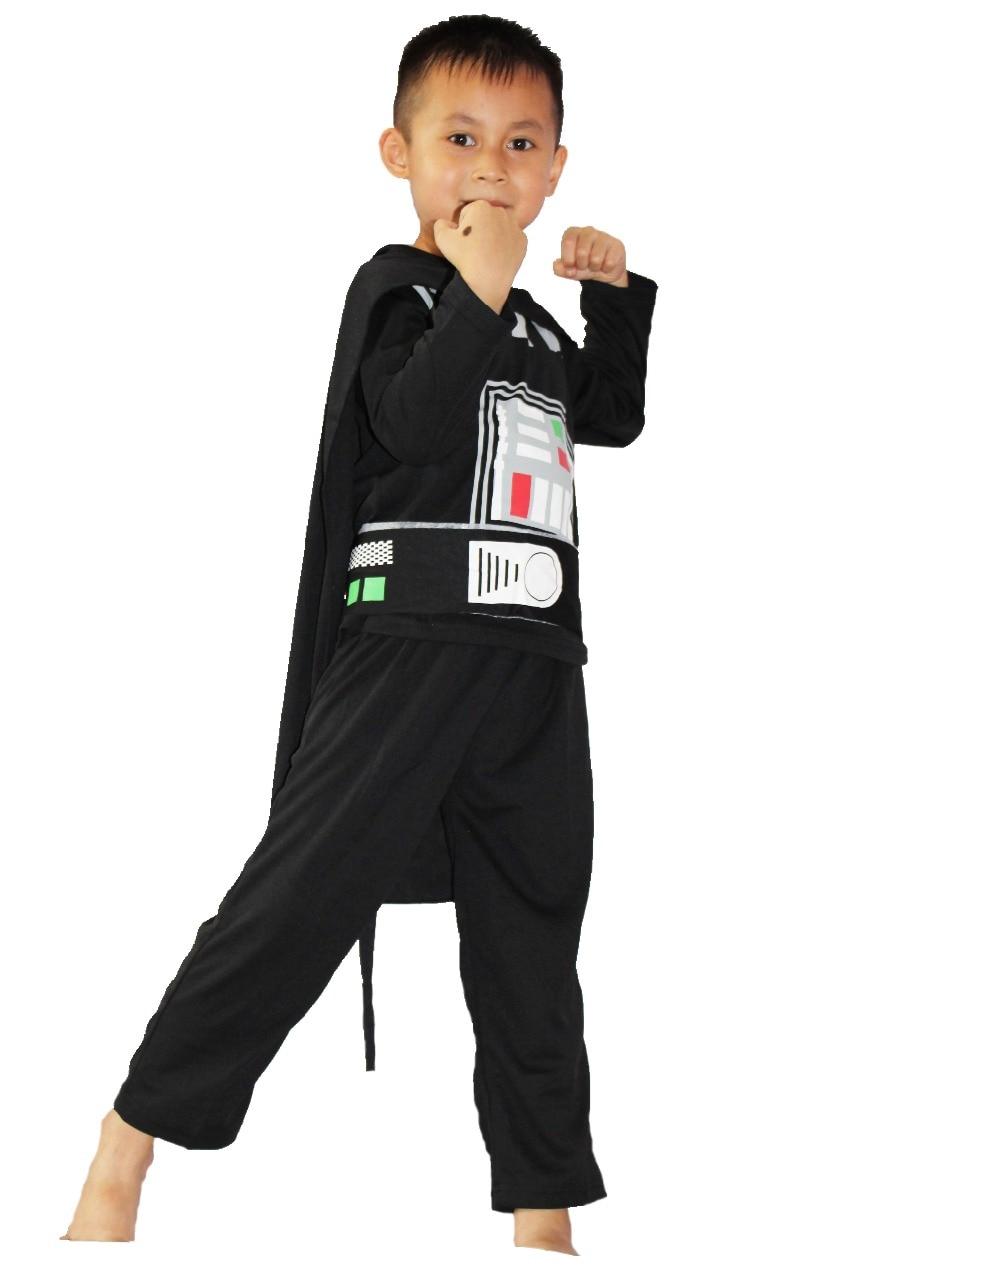 Մեծածախ / մանրածախ 3-7 տարեկան տղա - Կարնավալային հագուստները - Լուսանկար 2